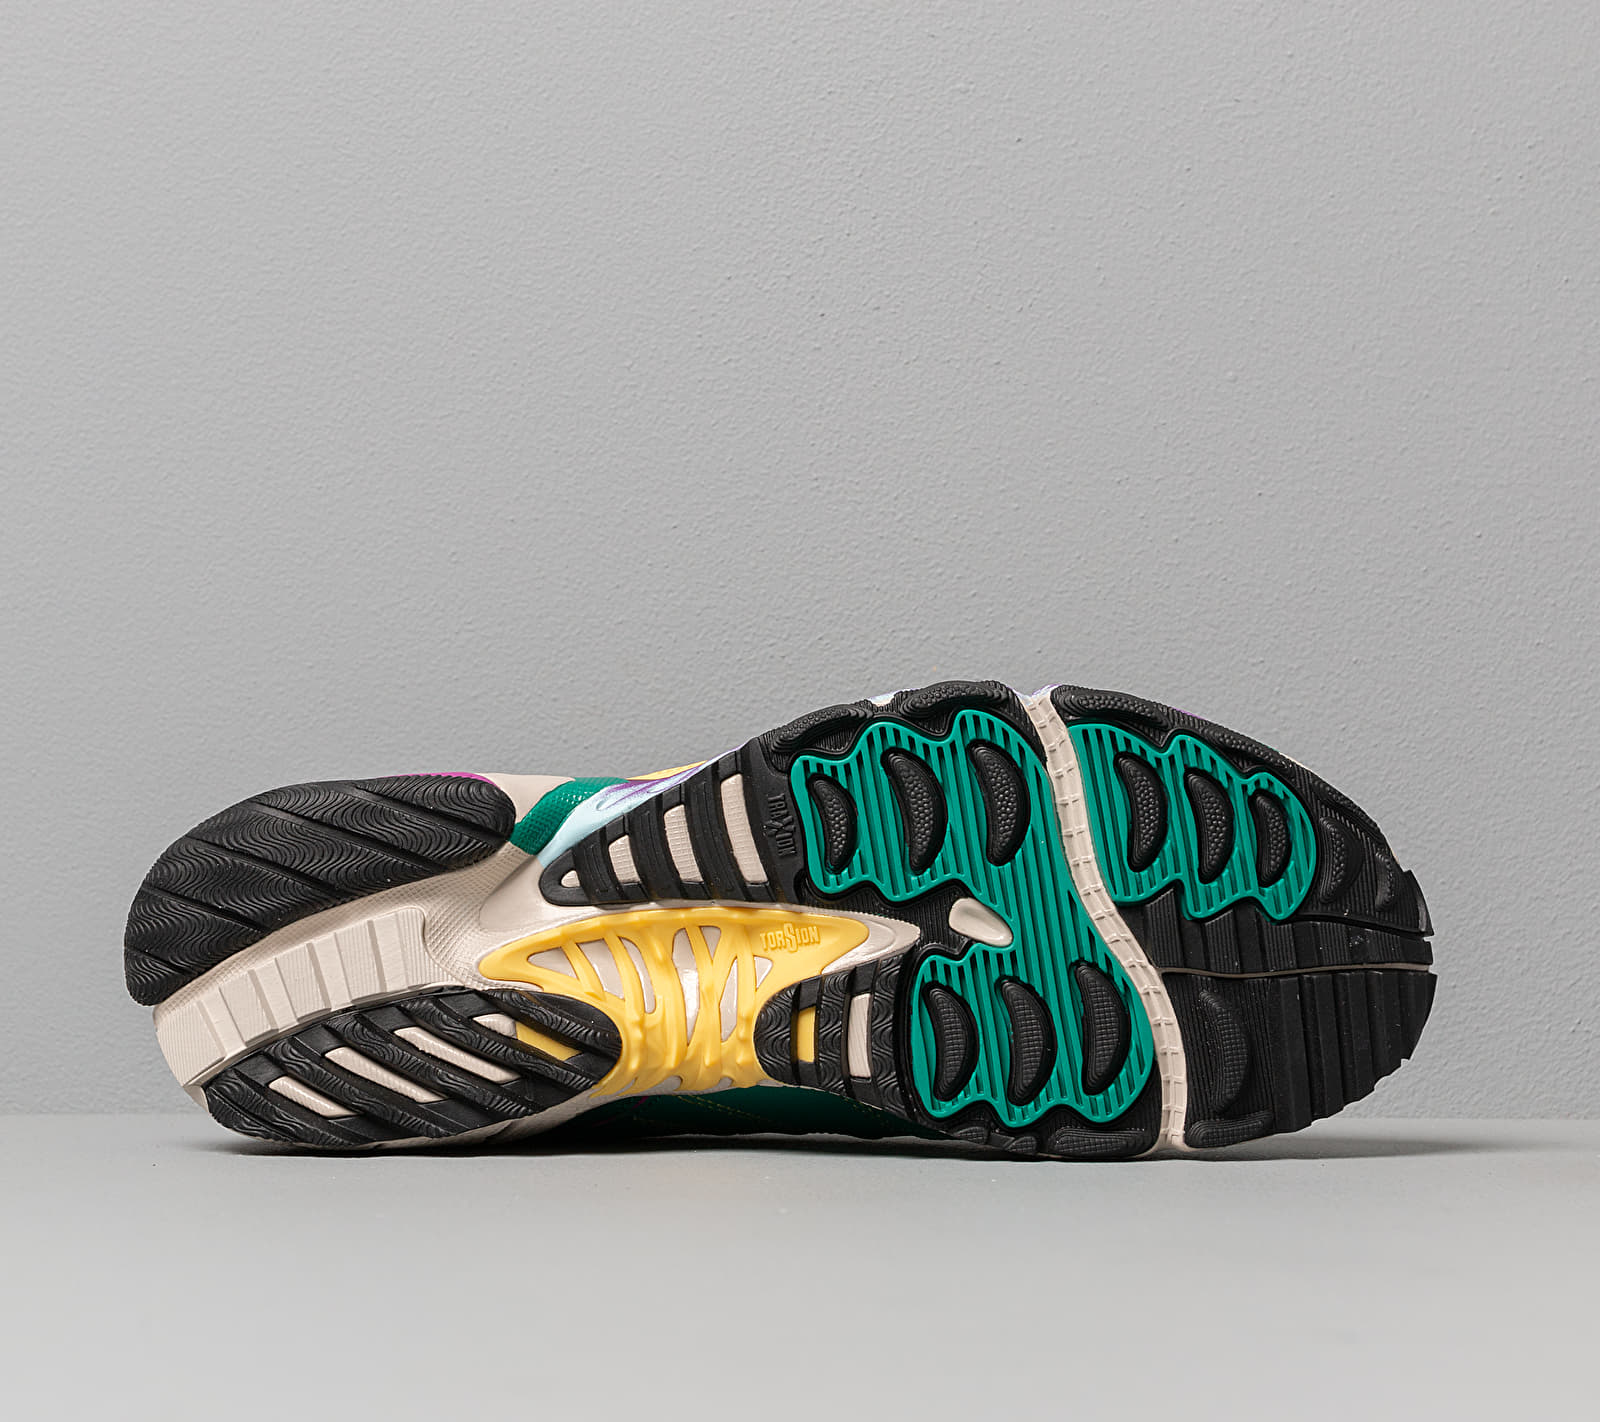 adidas Torsion TRDC W Core Brown/ Core Black/ Glow Green